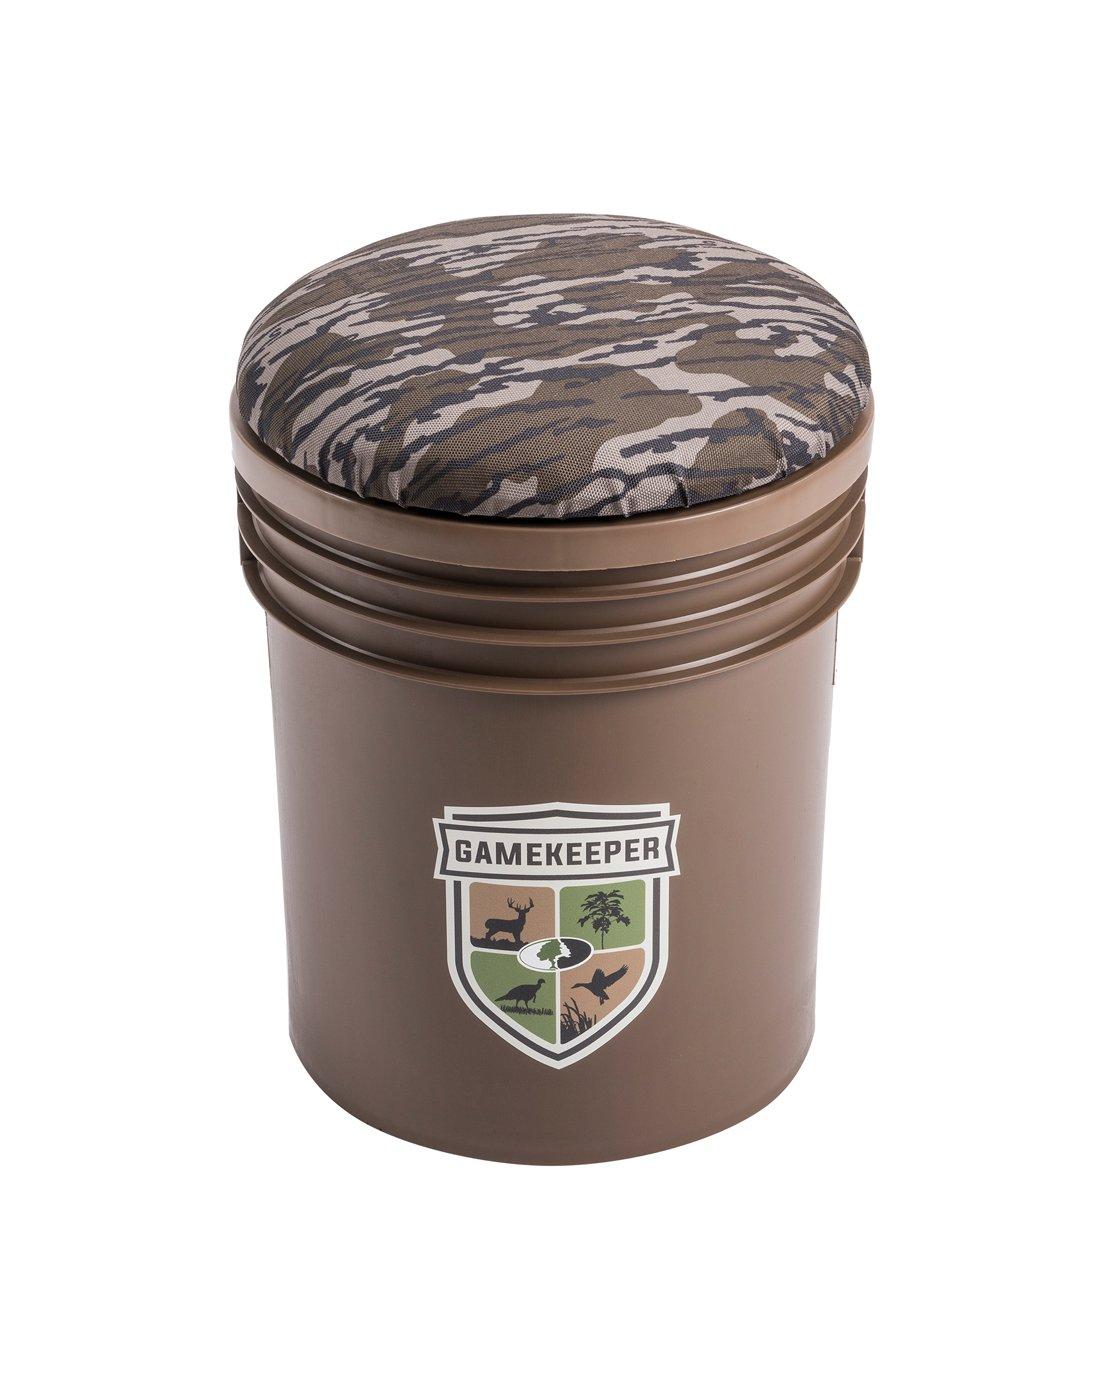 Wise Outdoors 5615-GK Dove Bucket: Gamekeeper Edition